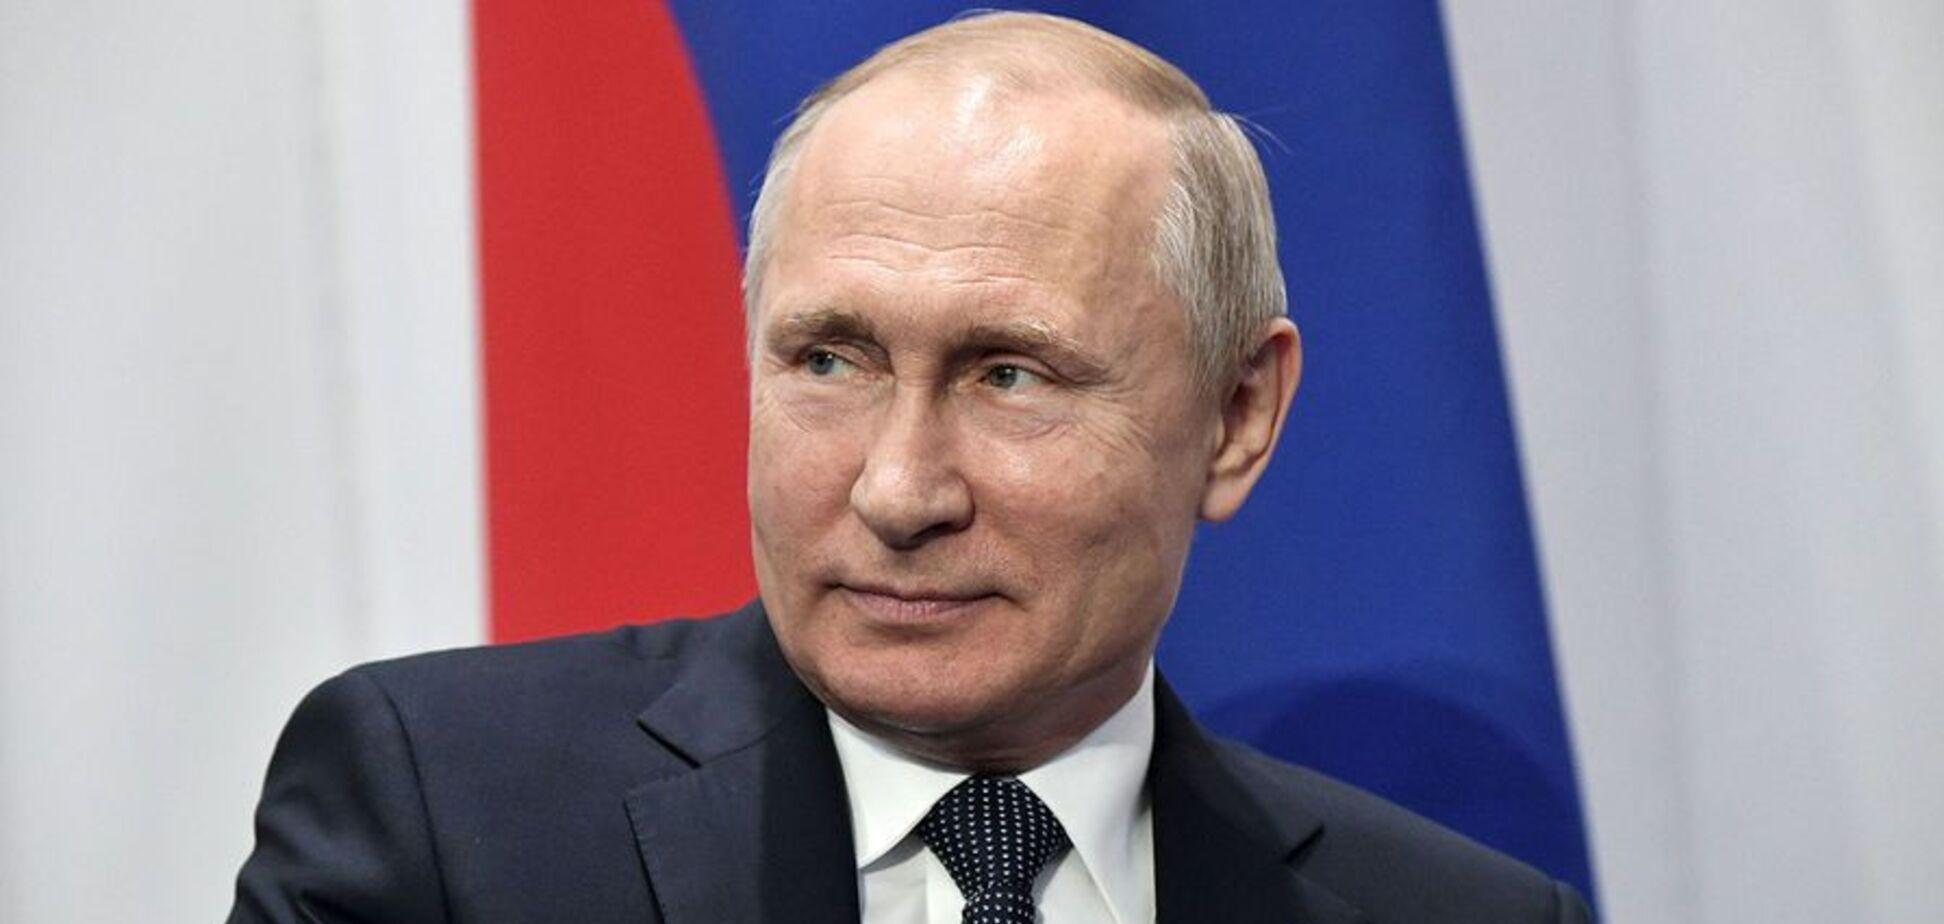 'Повна брехня!' Путін на 'Прямій лінії' висловився про окупацію Донбасу